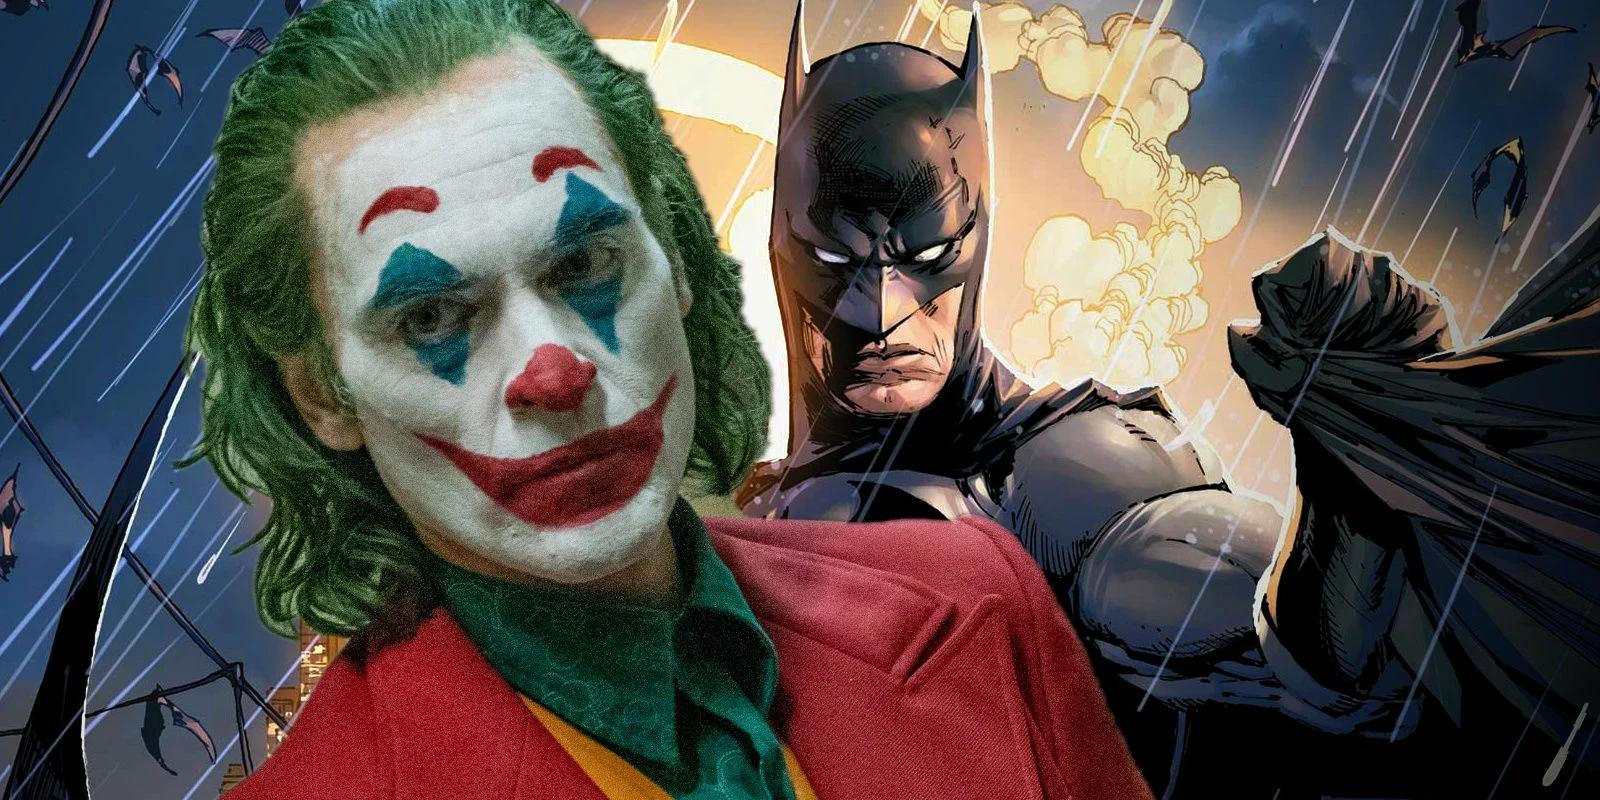 电影《小丑》背景下会诞生什么样的蝙蝠侠?导演也很好奇